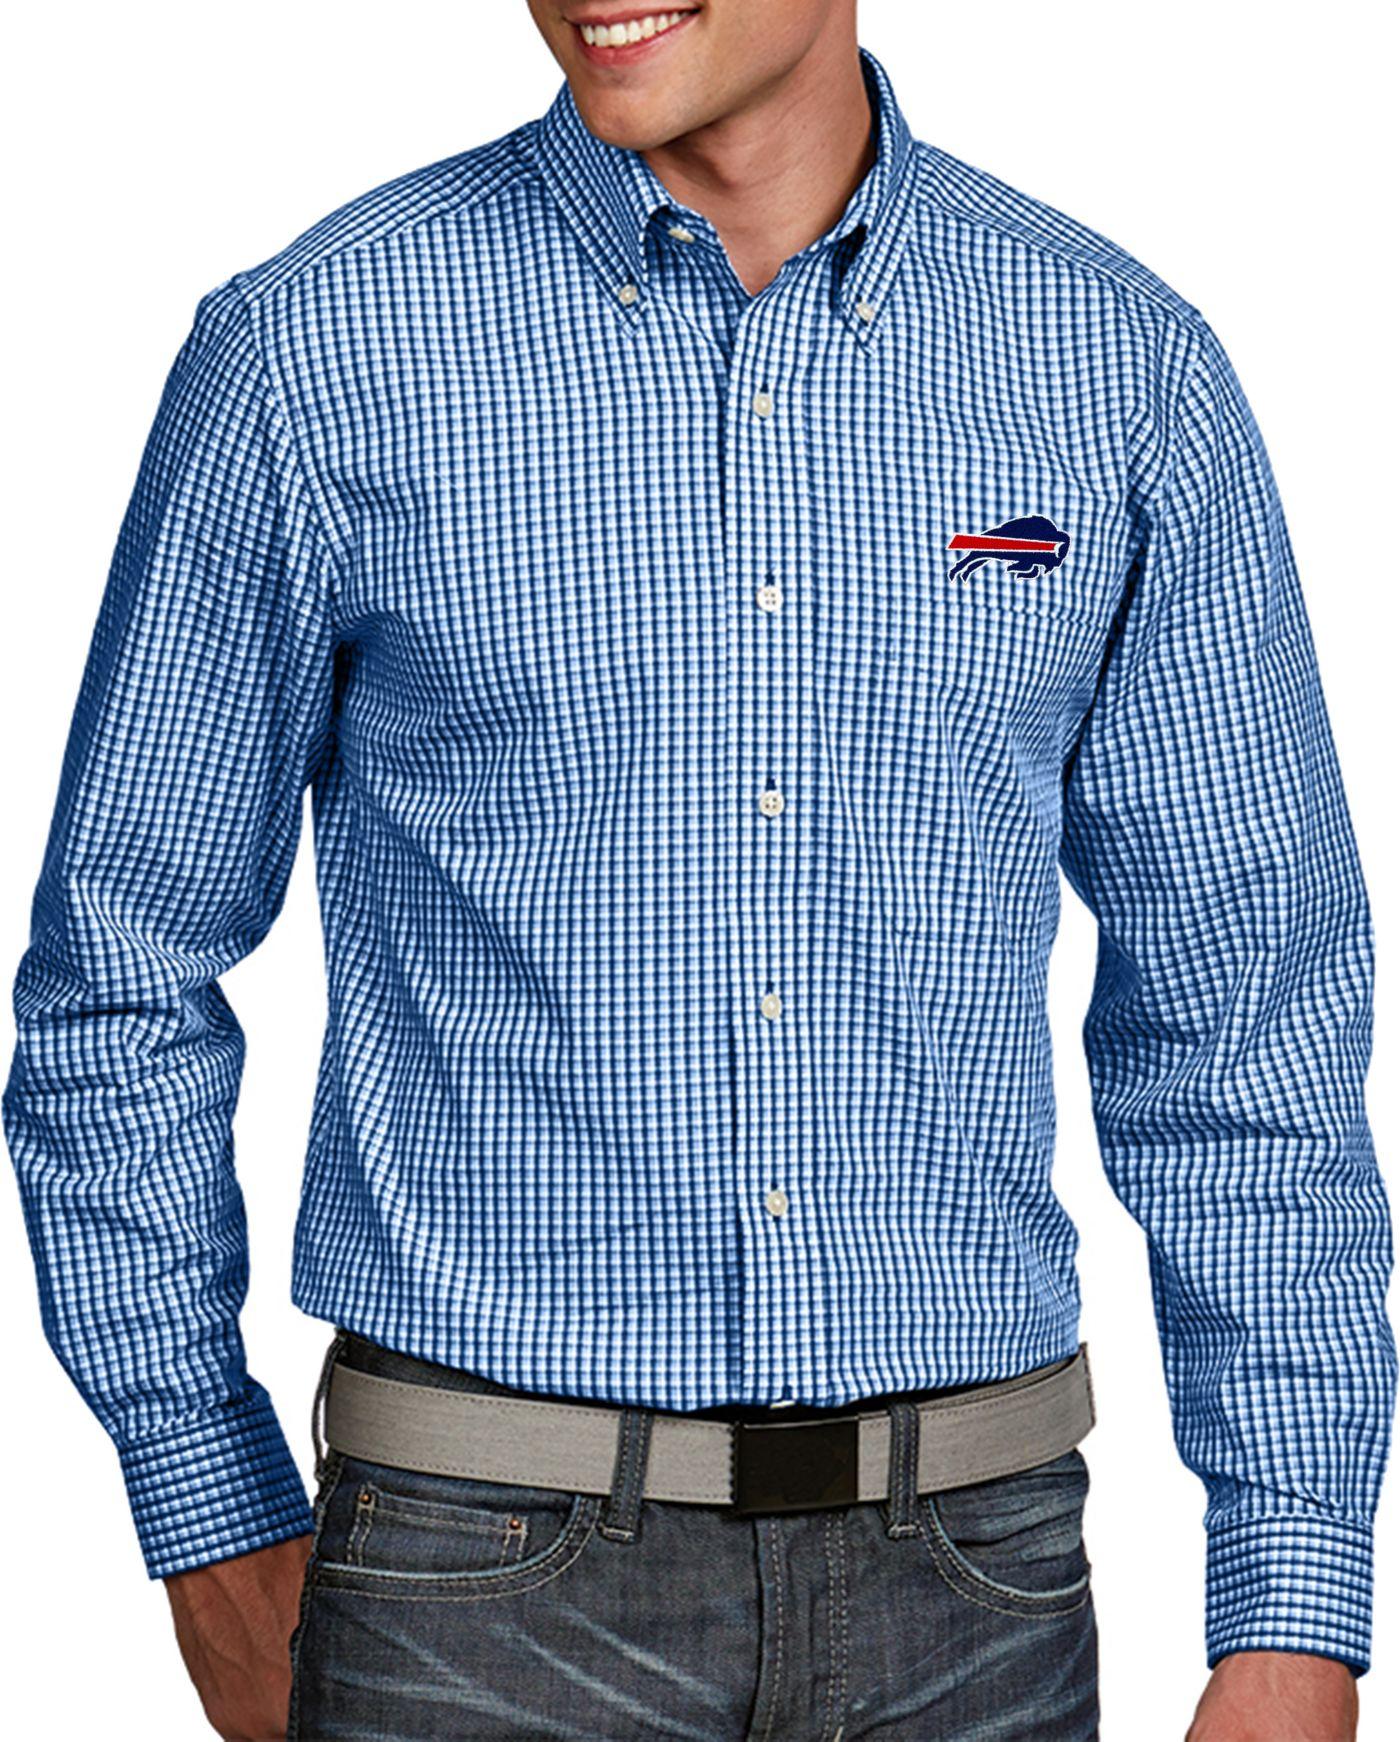 Antigua Men's Buffalo Bills Associate Button Down Dress Shirt